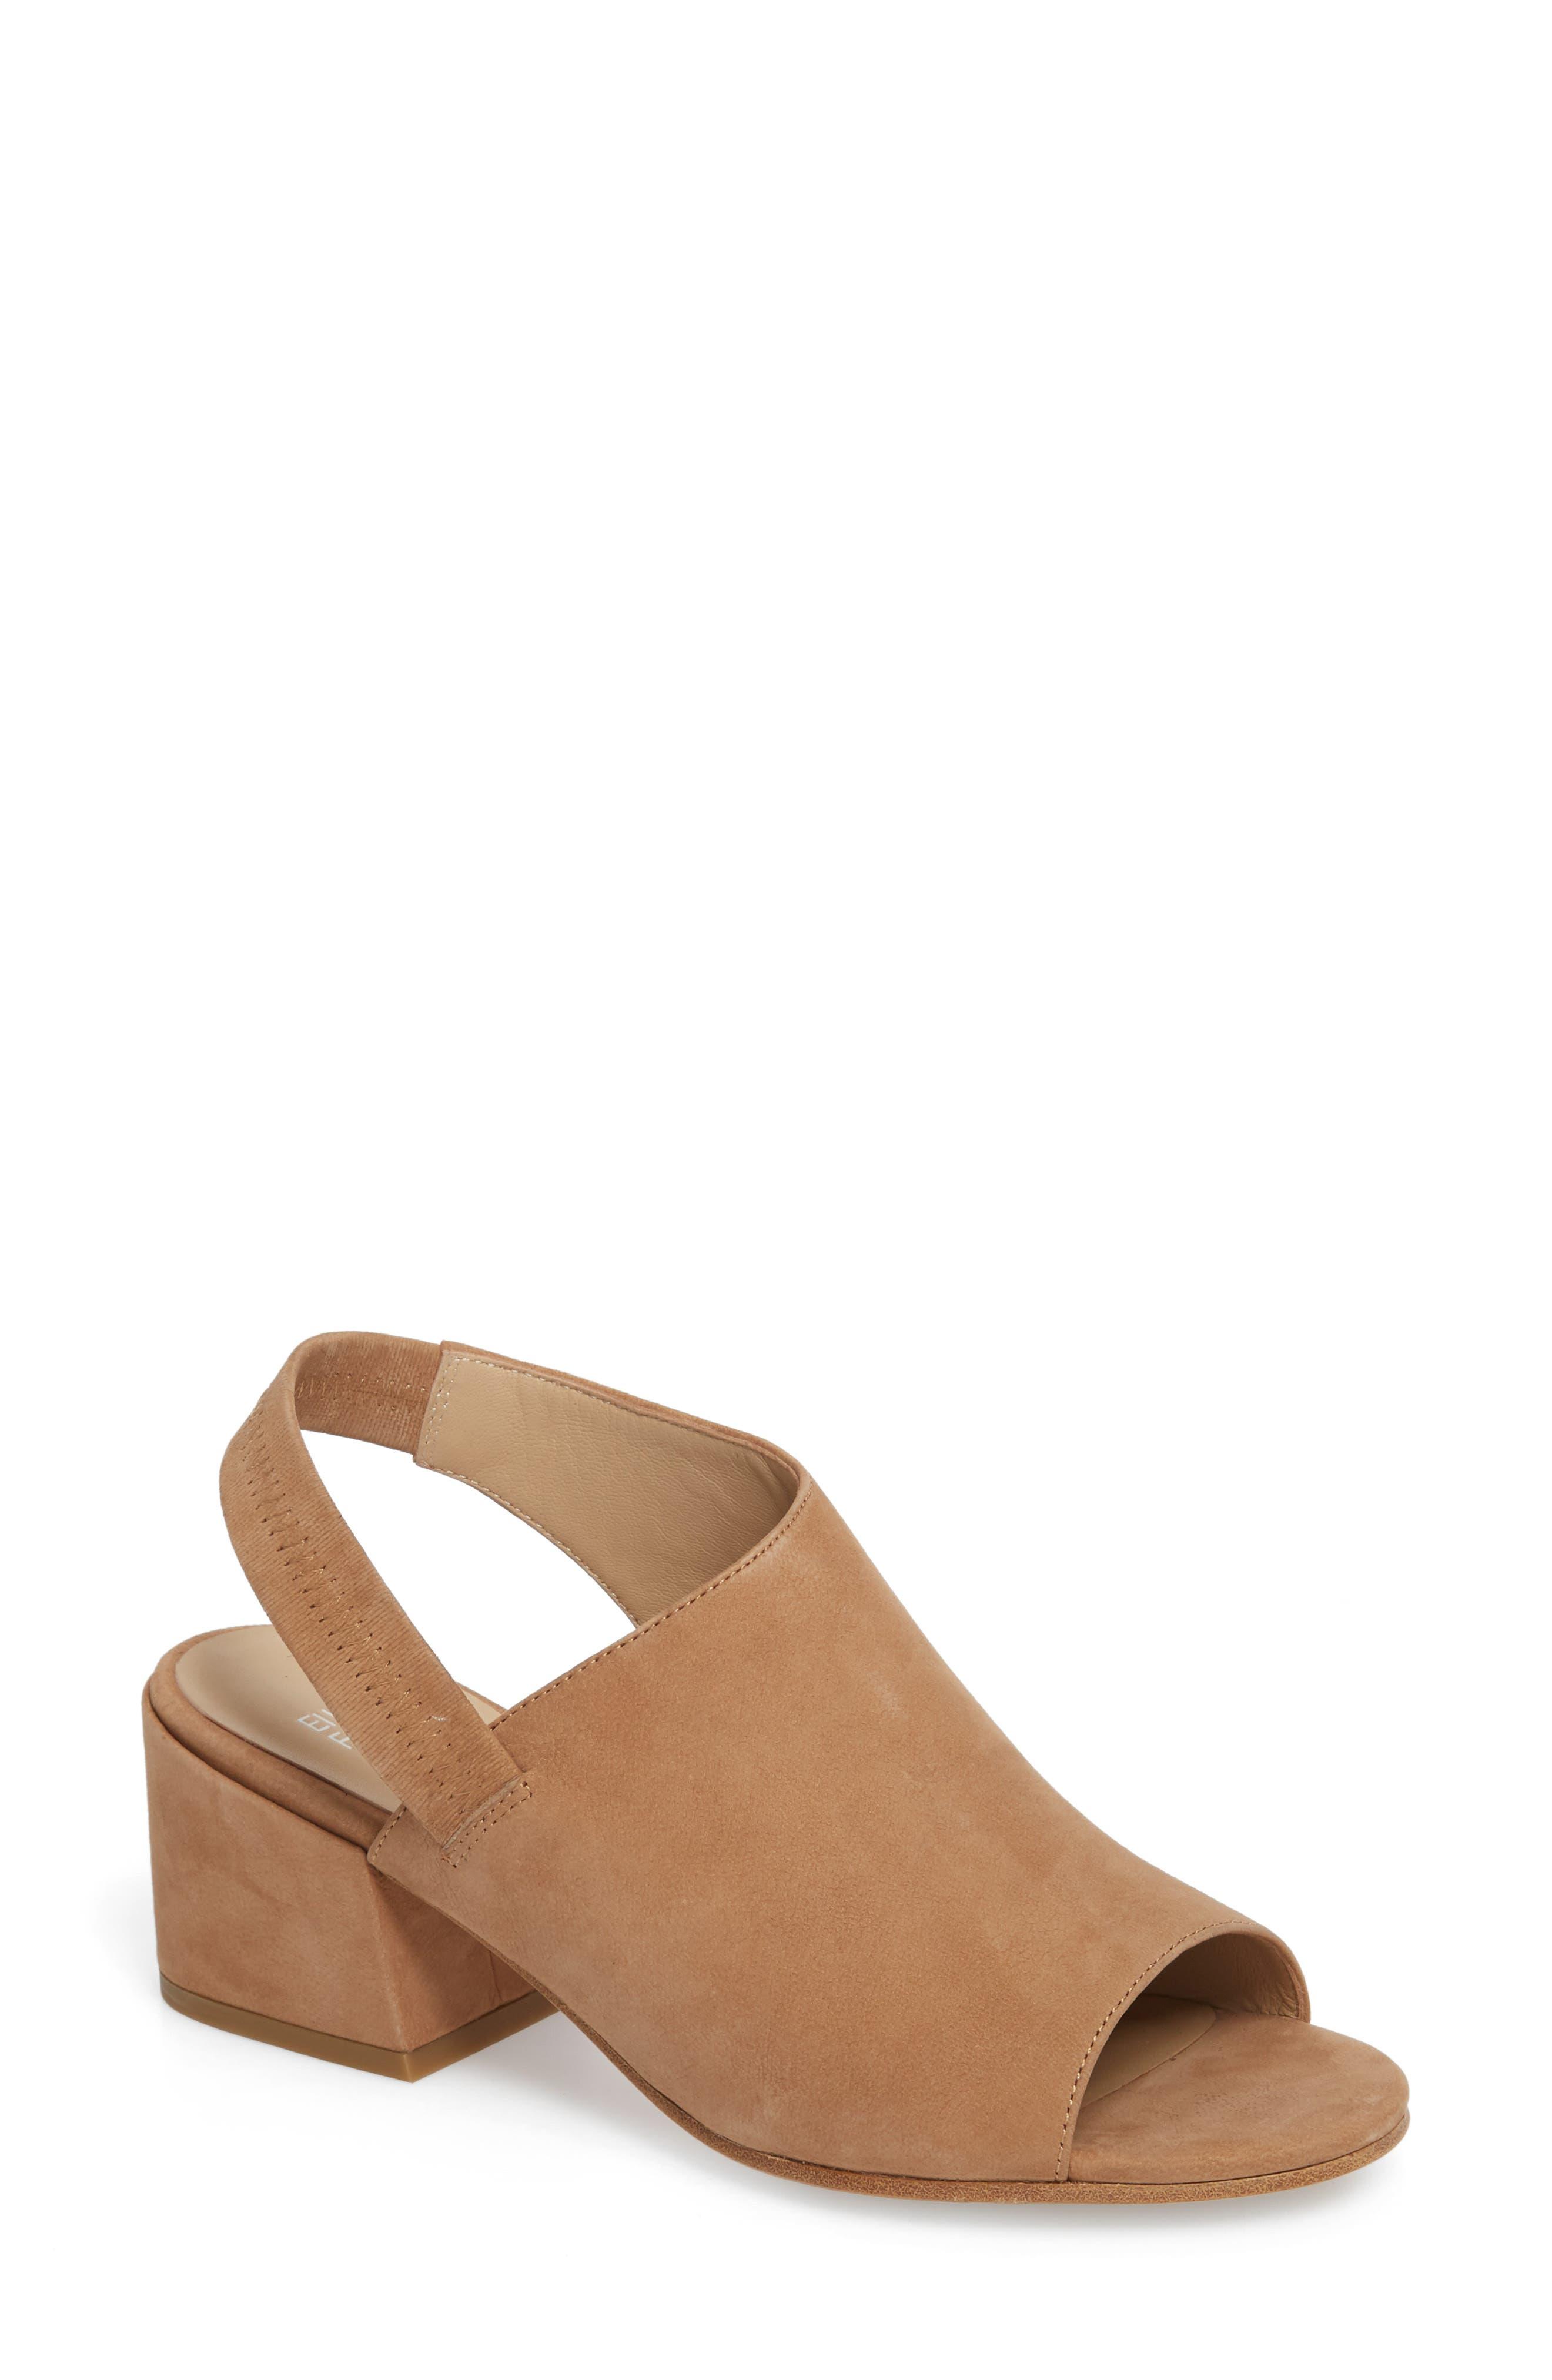 Leigh Asymmetrical Slingback Sandal,                             Main thumbnail 1, color,                             Wheat Leather